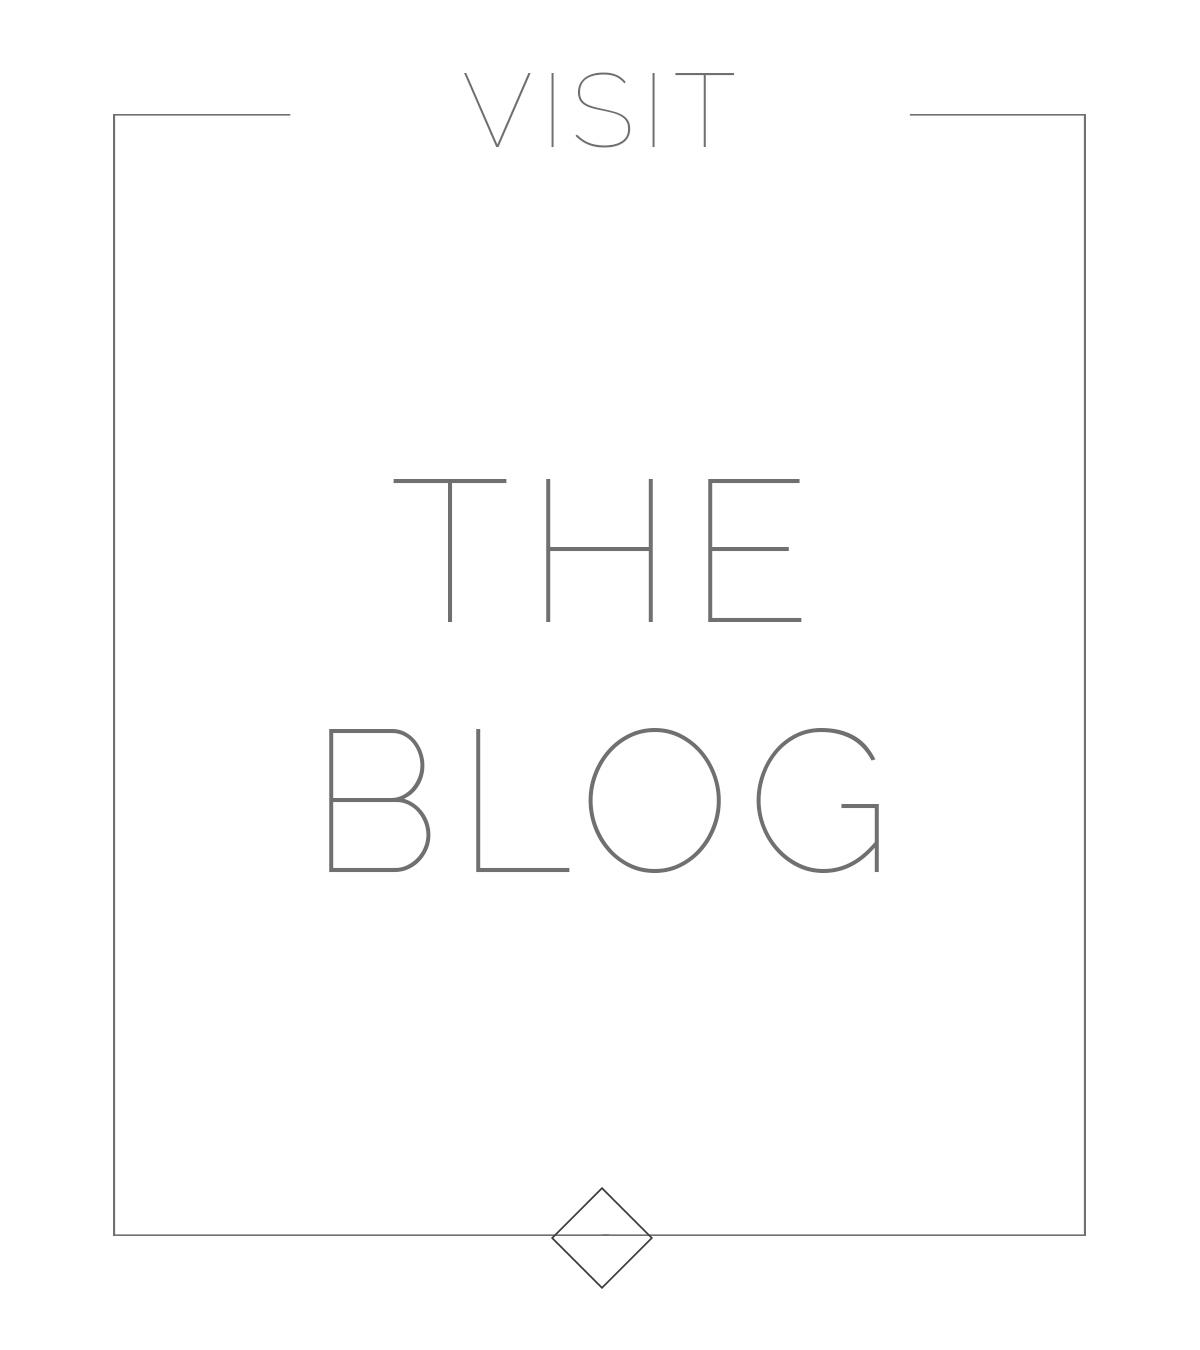 visitblog.jpg